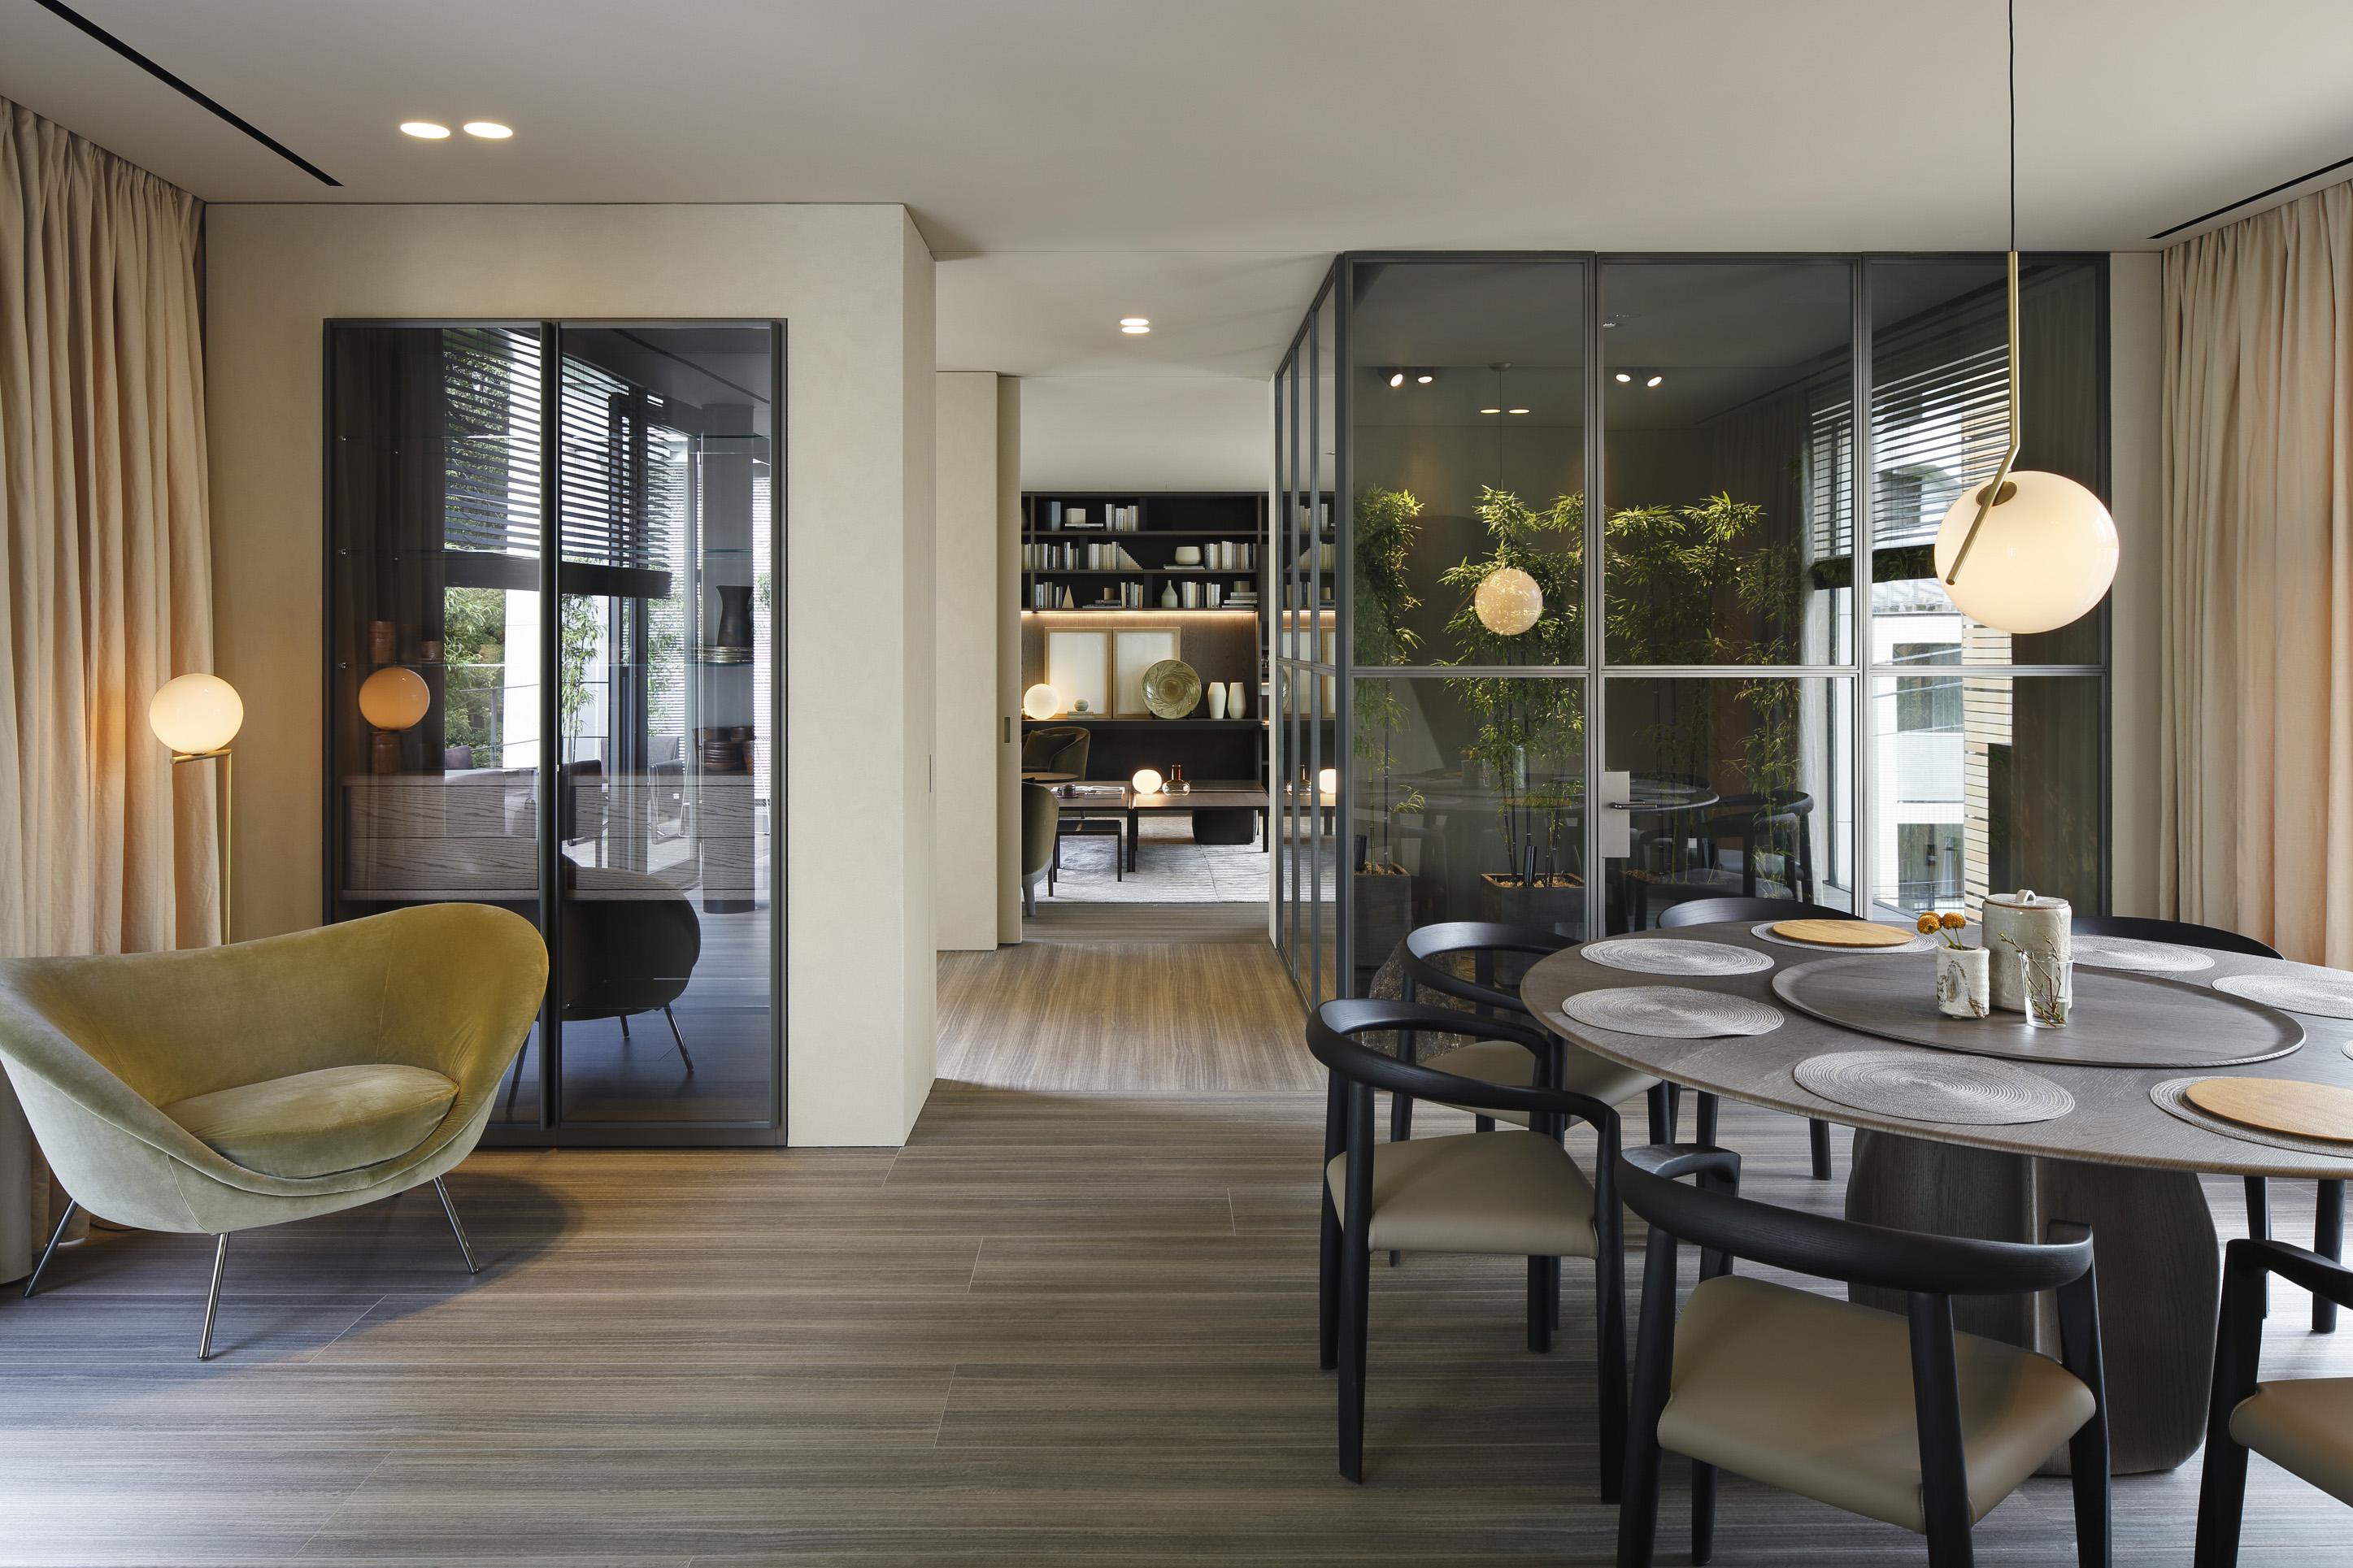 molteni c inaugurates molteni home. Black Bedroom Furniture Sets. Home Design Ideas